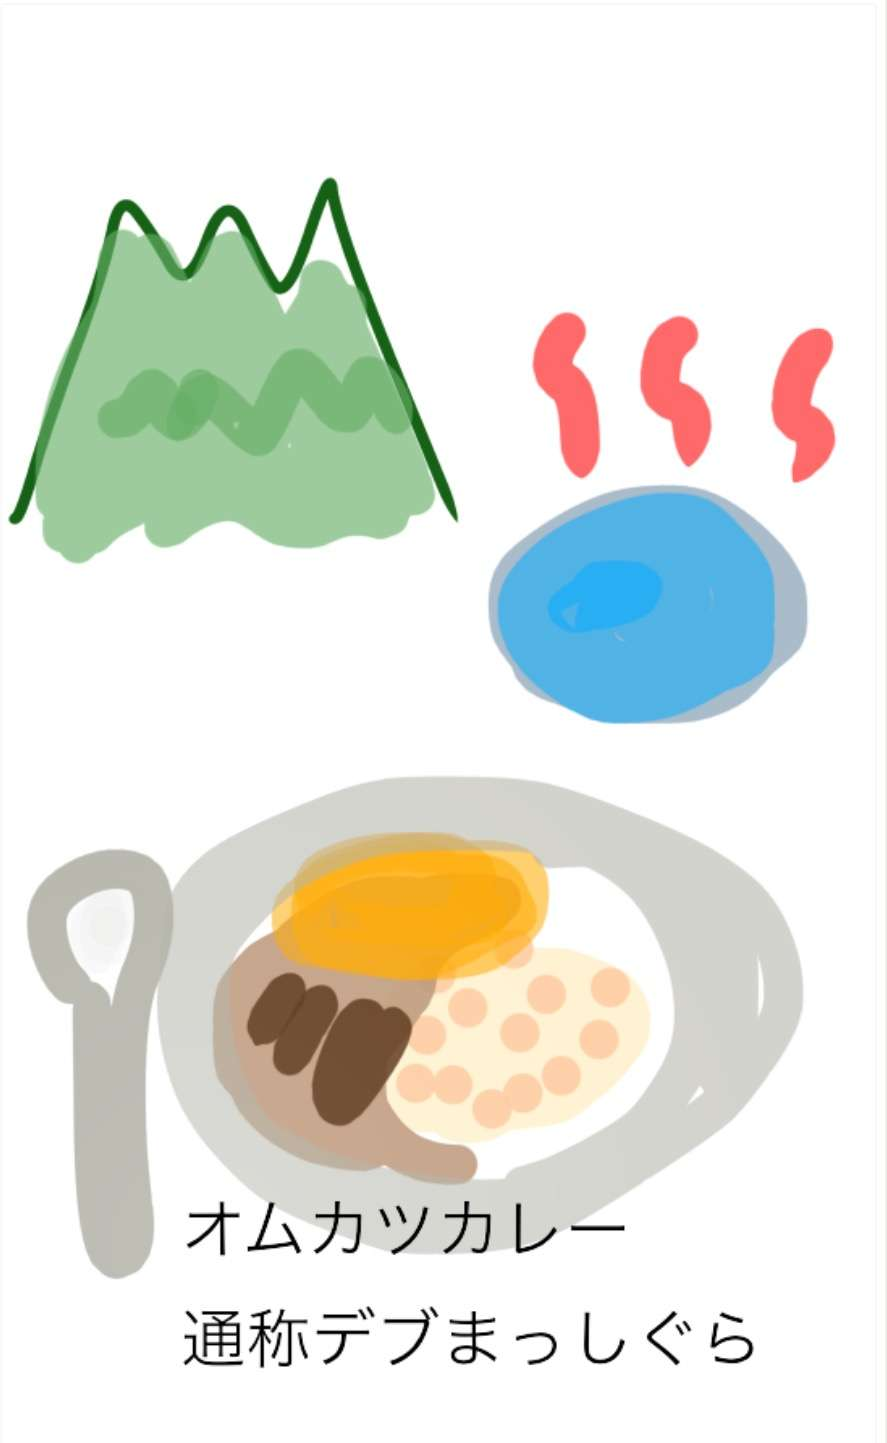 【お絵描き】今日の夕飯【ザザッとでもok】